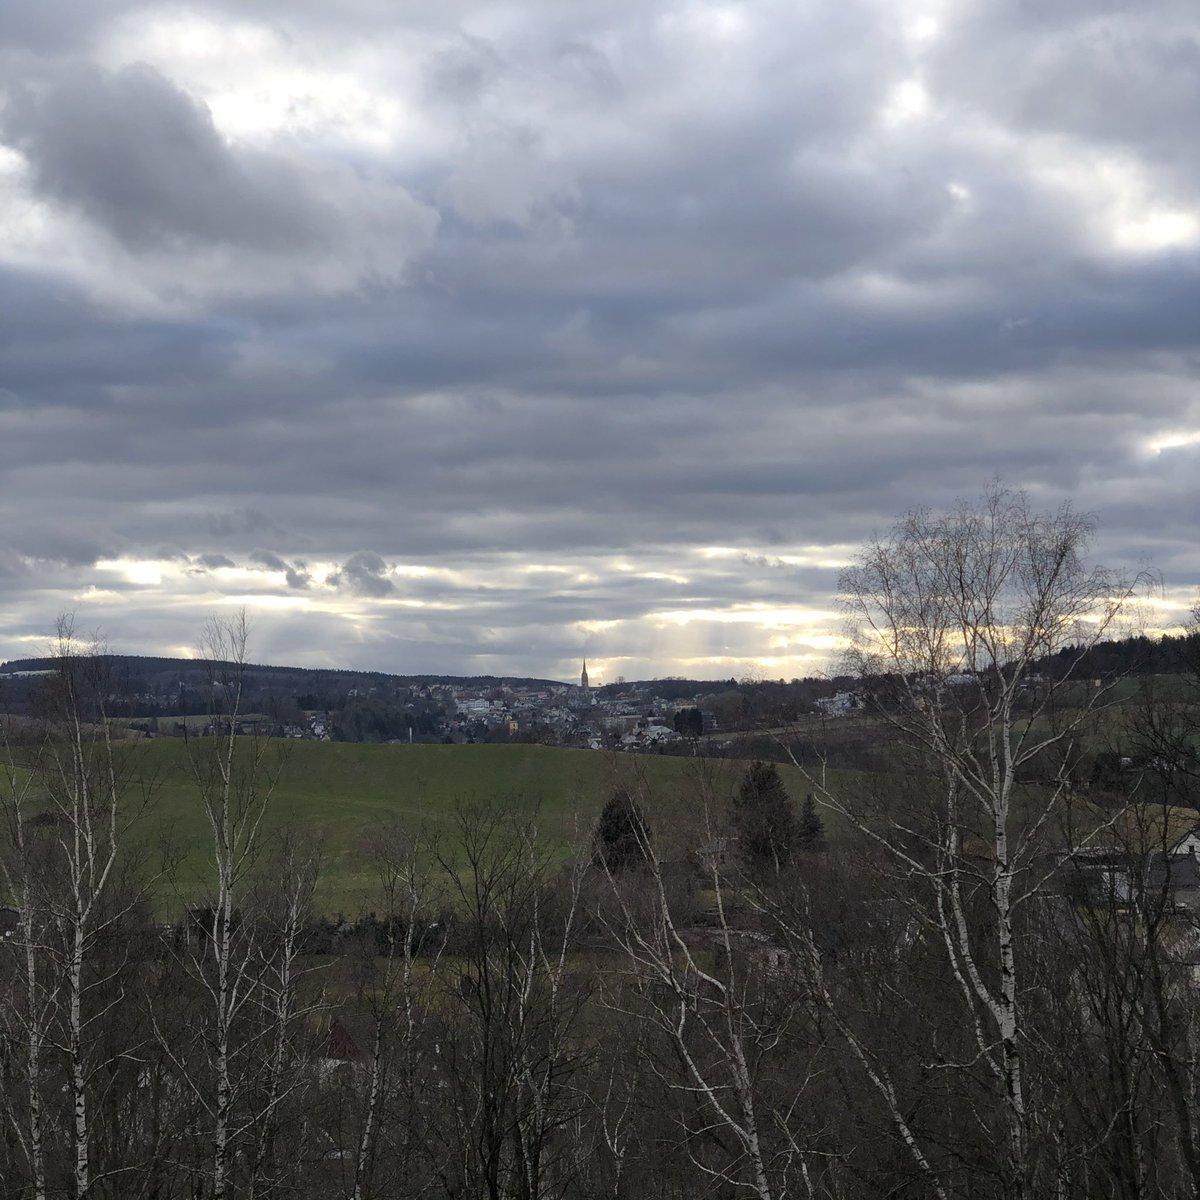 Der #Winter #2020 in #Falkenstein im #Vogtland   #travel #travelphotography #reise #reisen #reisefotografie  #nature #natur #landscape #landschaft #landschaftsfotografie #landscapephotography  #sachsen #thüringen #saxony #thuringia   #cloud #clouds #wolke #wolkenpic.twitter.com/r7IbZjDSoB